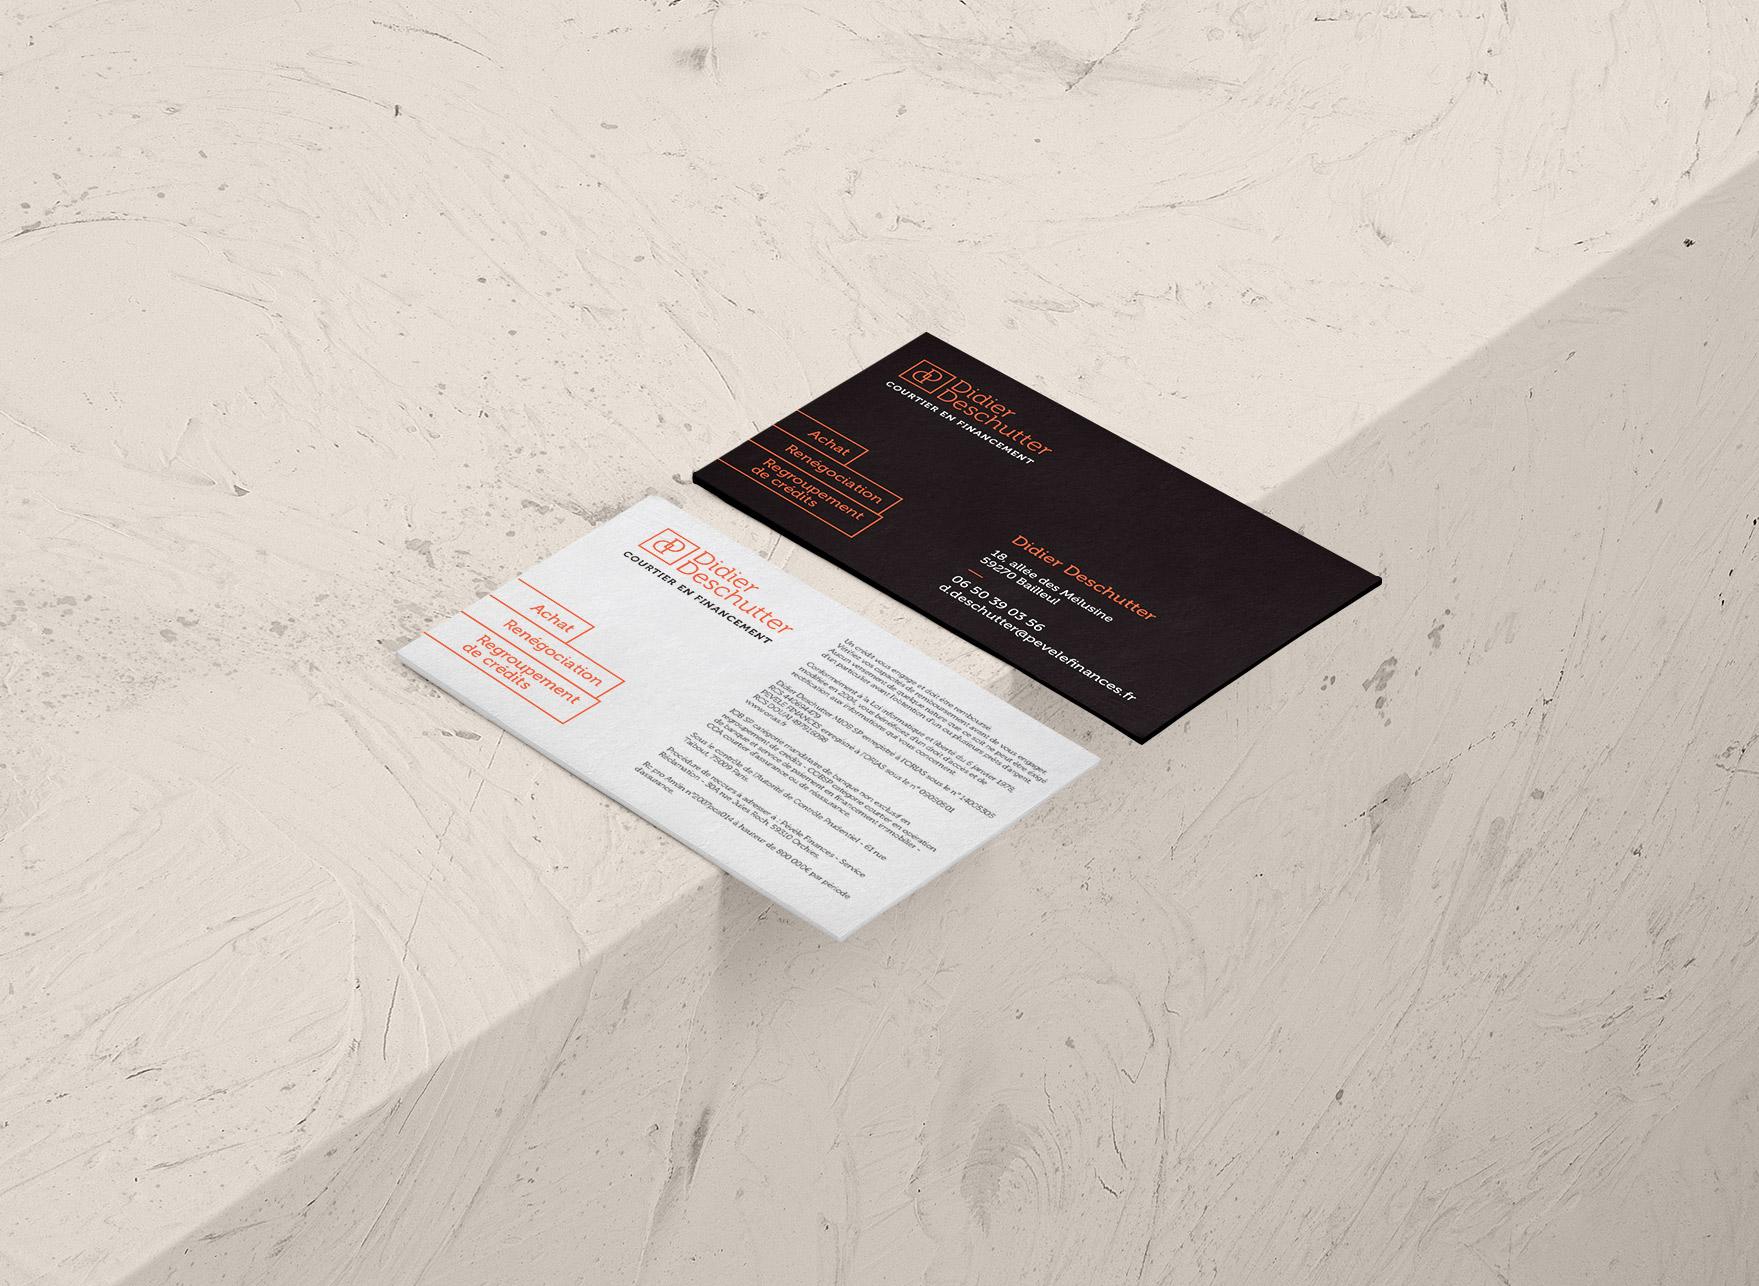 Identité et carte de visite Didier Deschutter - Courtier en financement